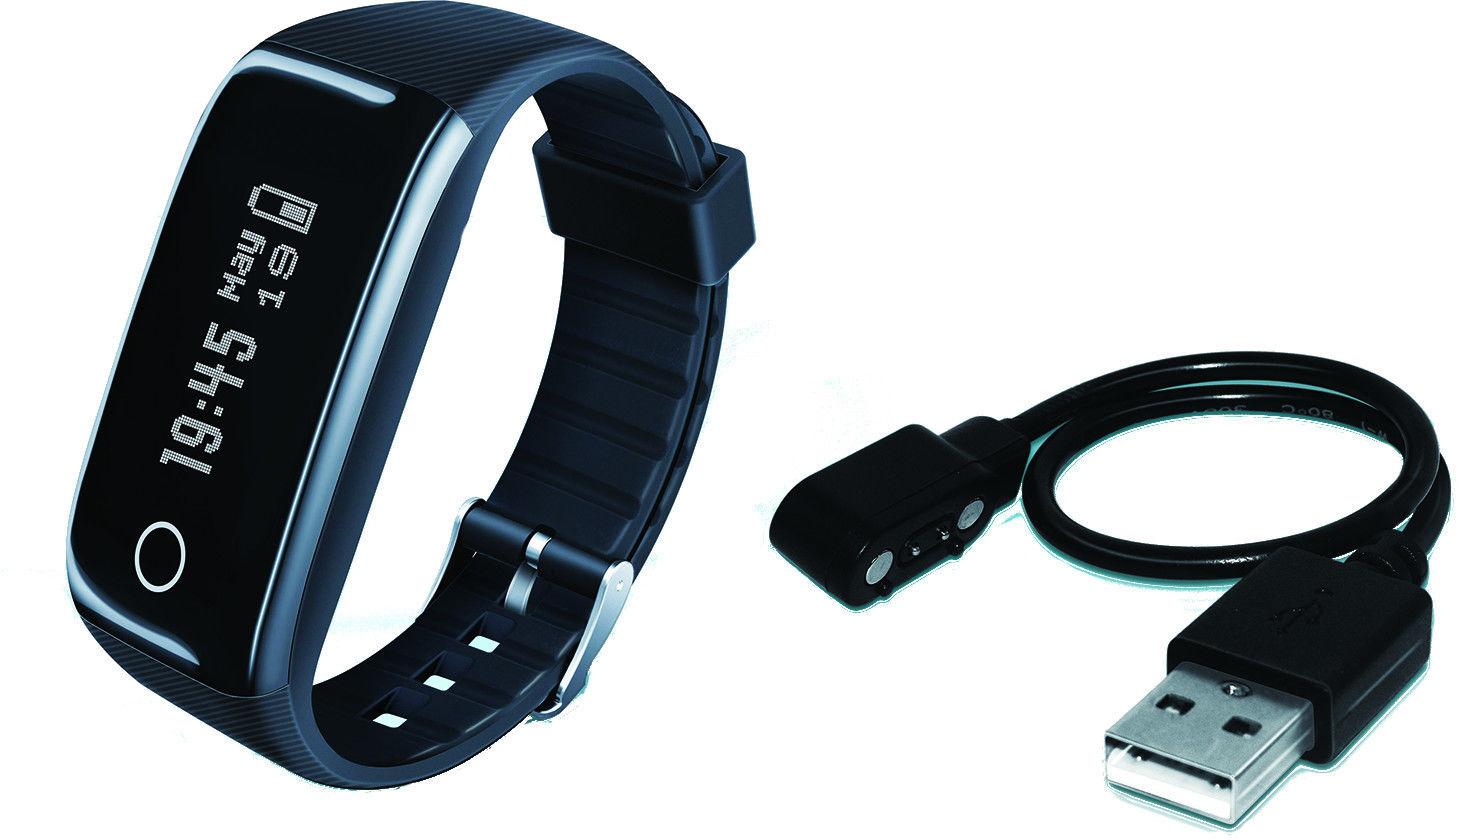 Medel Cardio Watch Opaska monitorująca aktywność i tętno